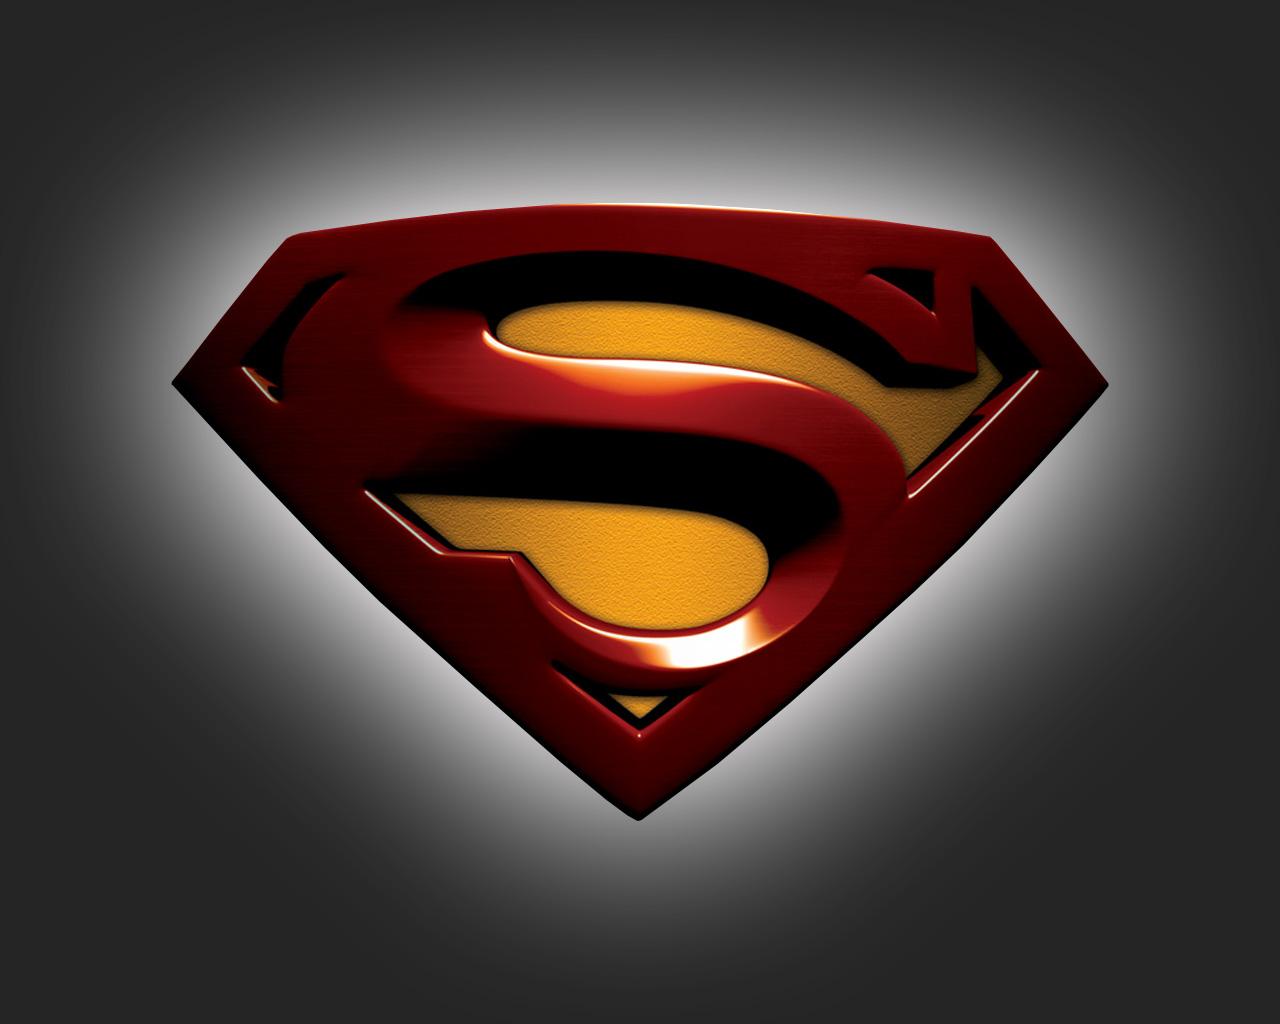 http://1.bp.blogspot.com/-nTB4gIsoVK8/TqTSRtXPWbI/AAAAAAAAOjE/qriLRklNdbg/s1600/wallpaper-superman-full-hd+%25285%2529.jpg